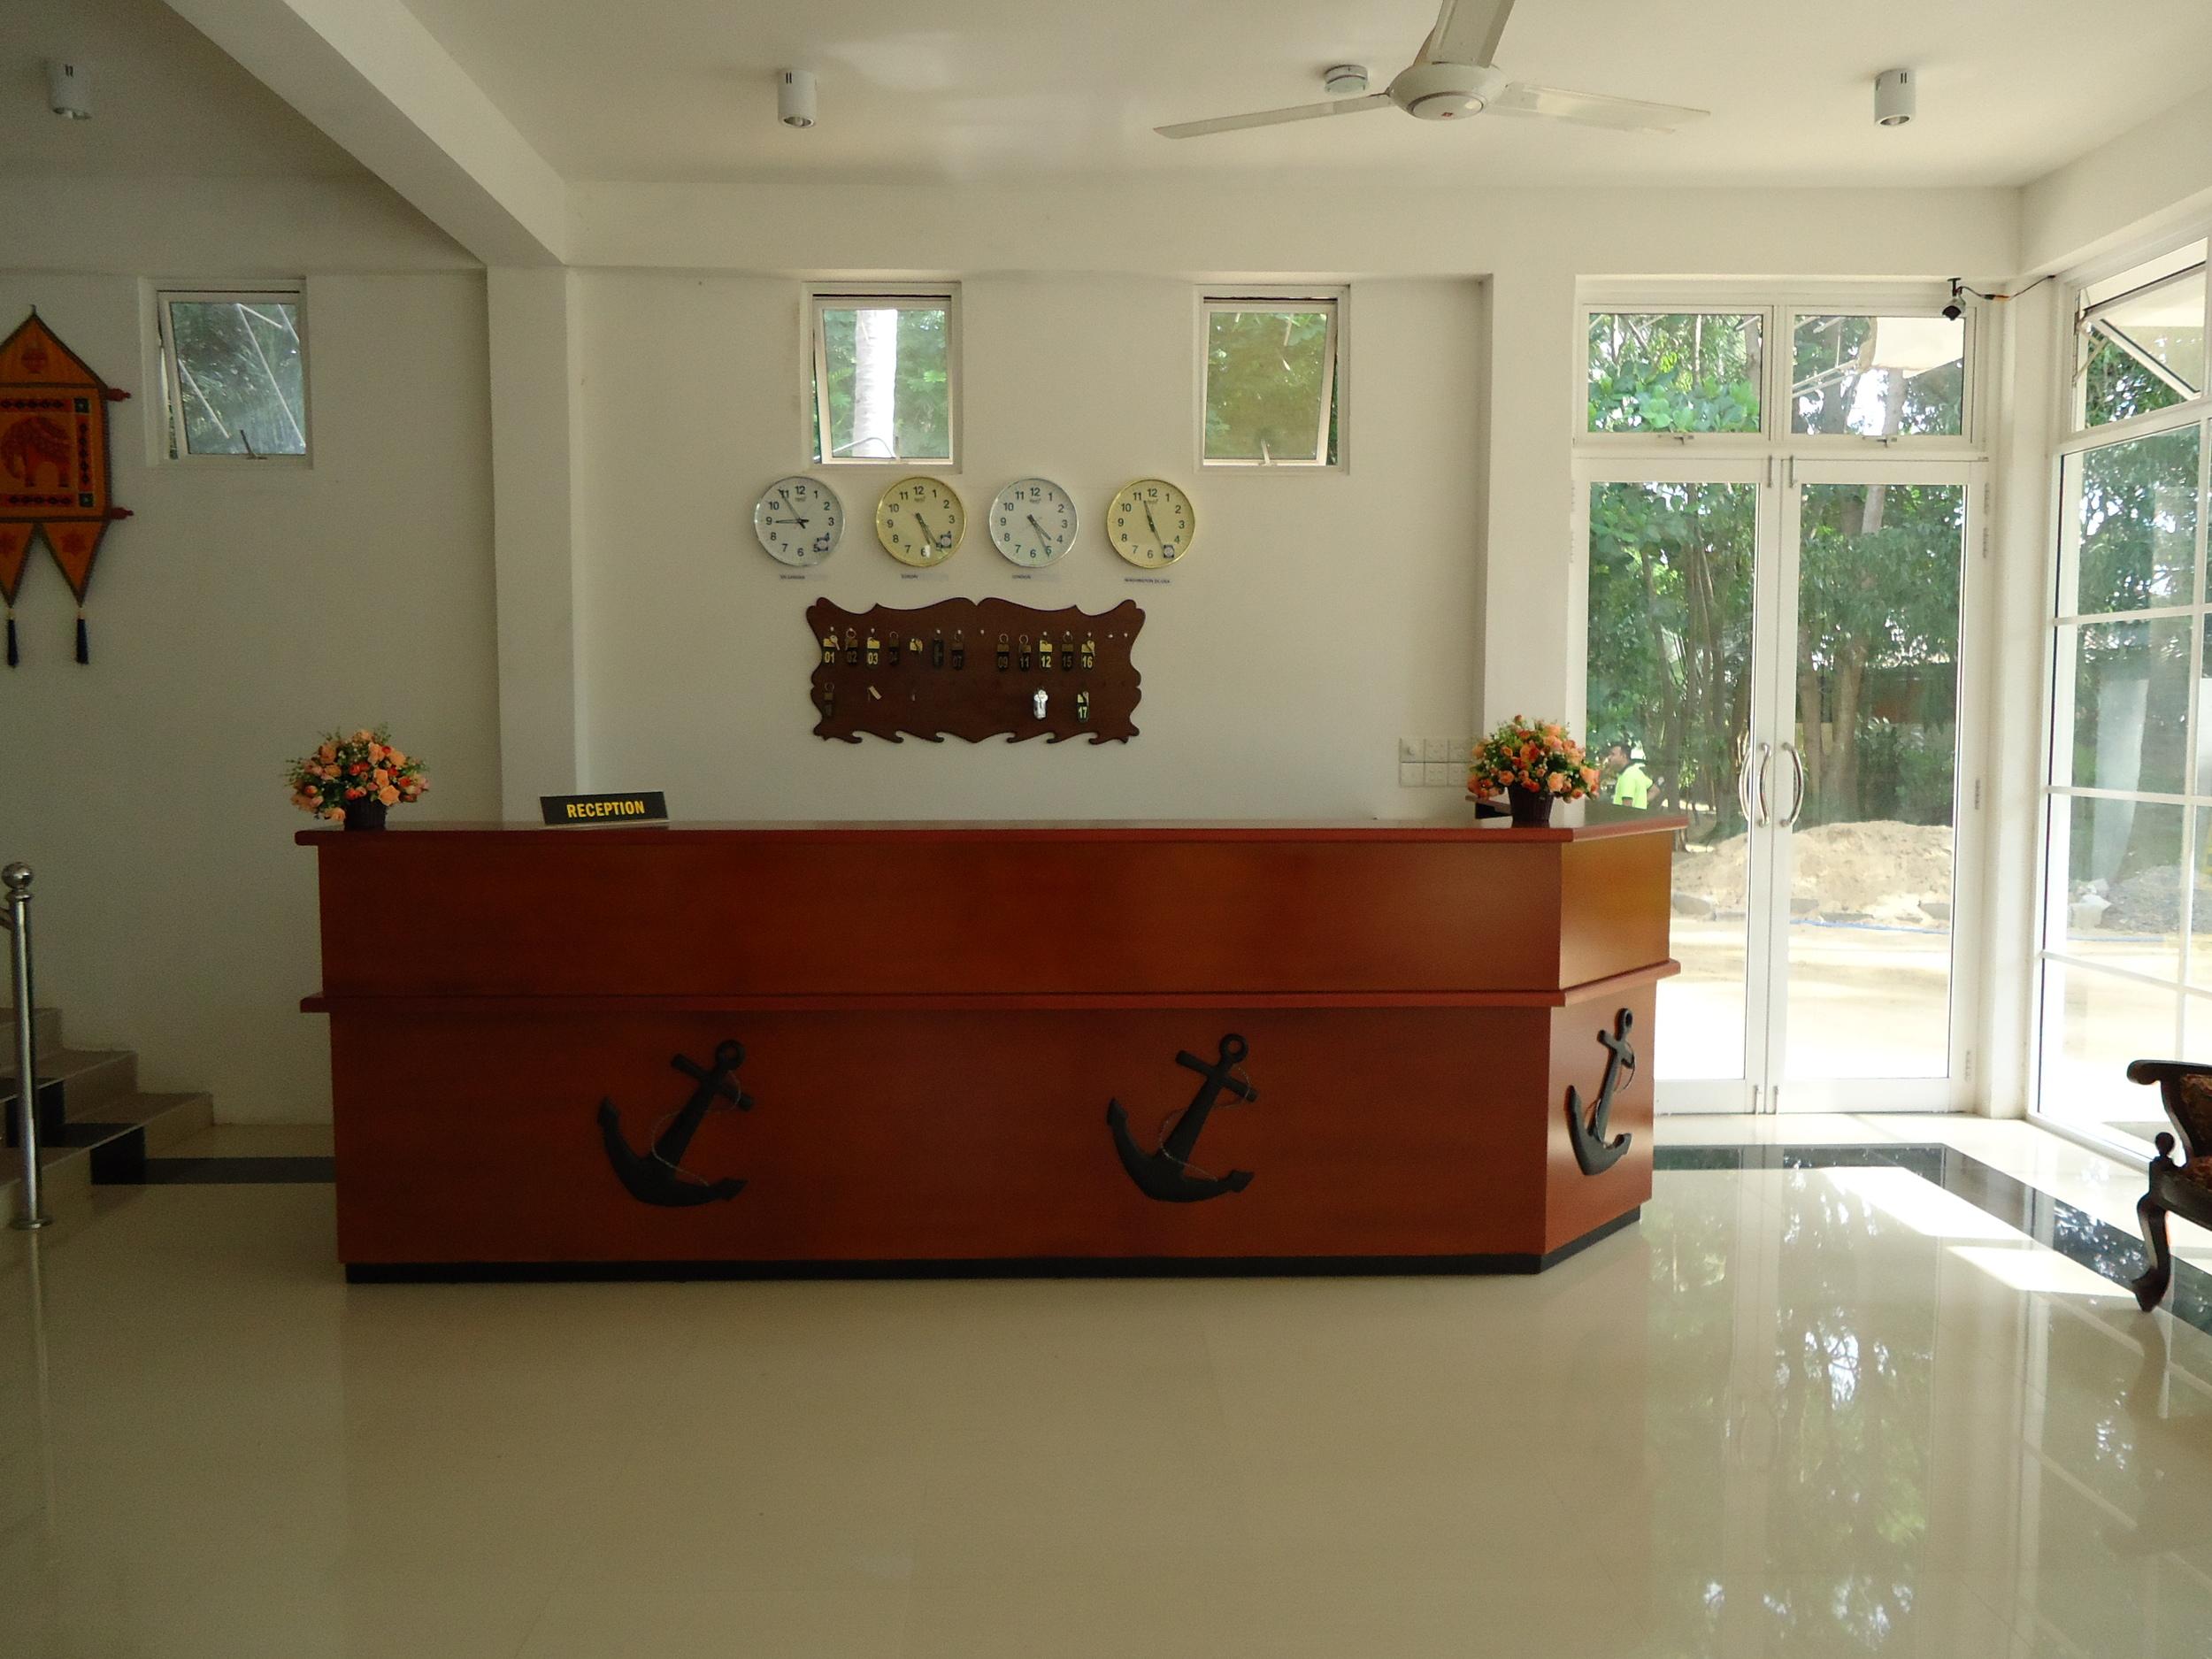 Our Main Lobby Area